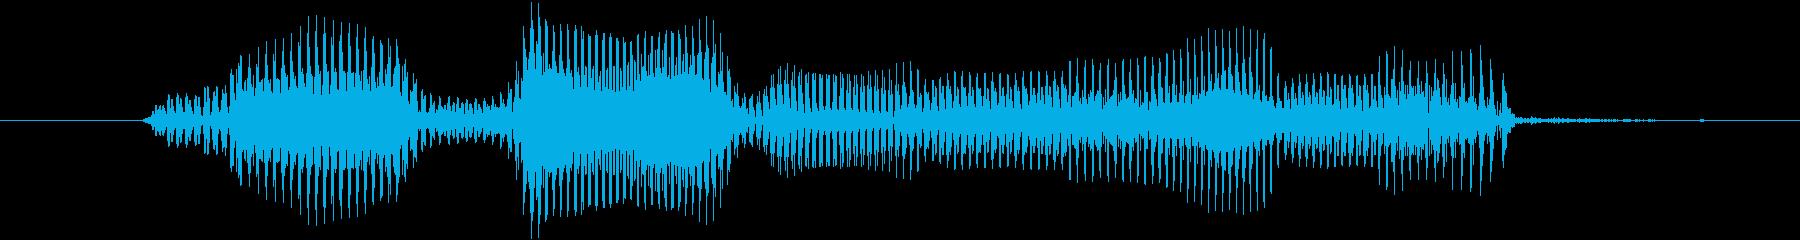 レベル7(なな)の再生済みの波形